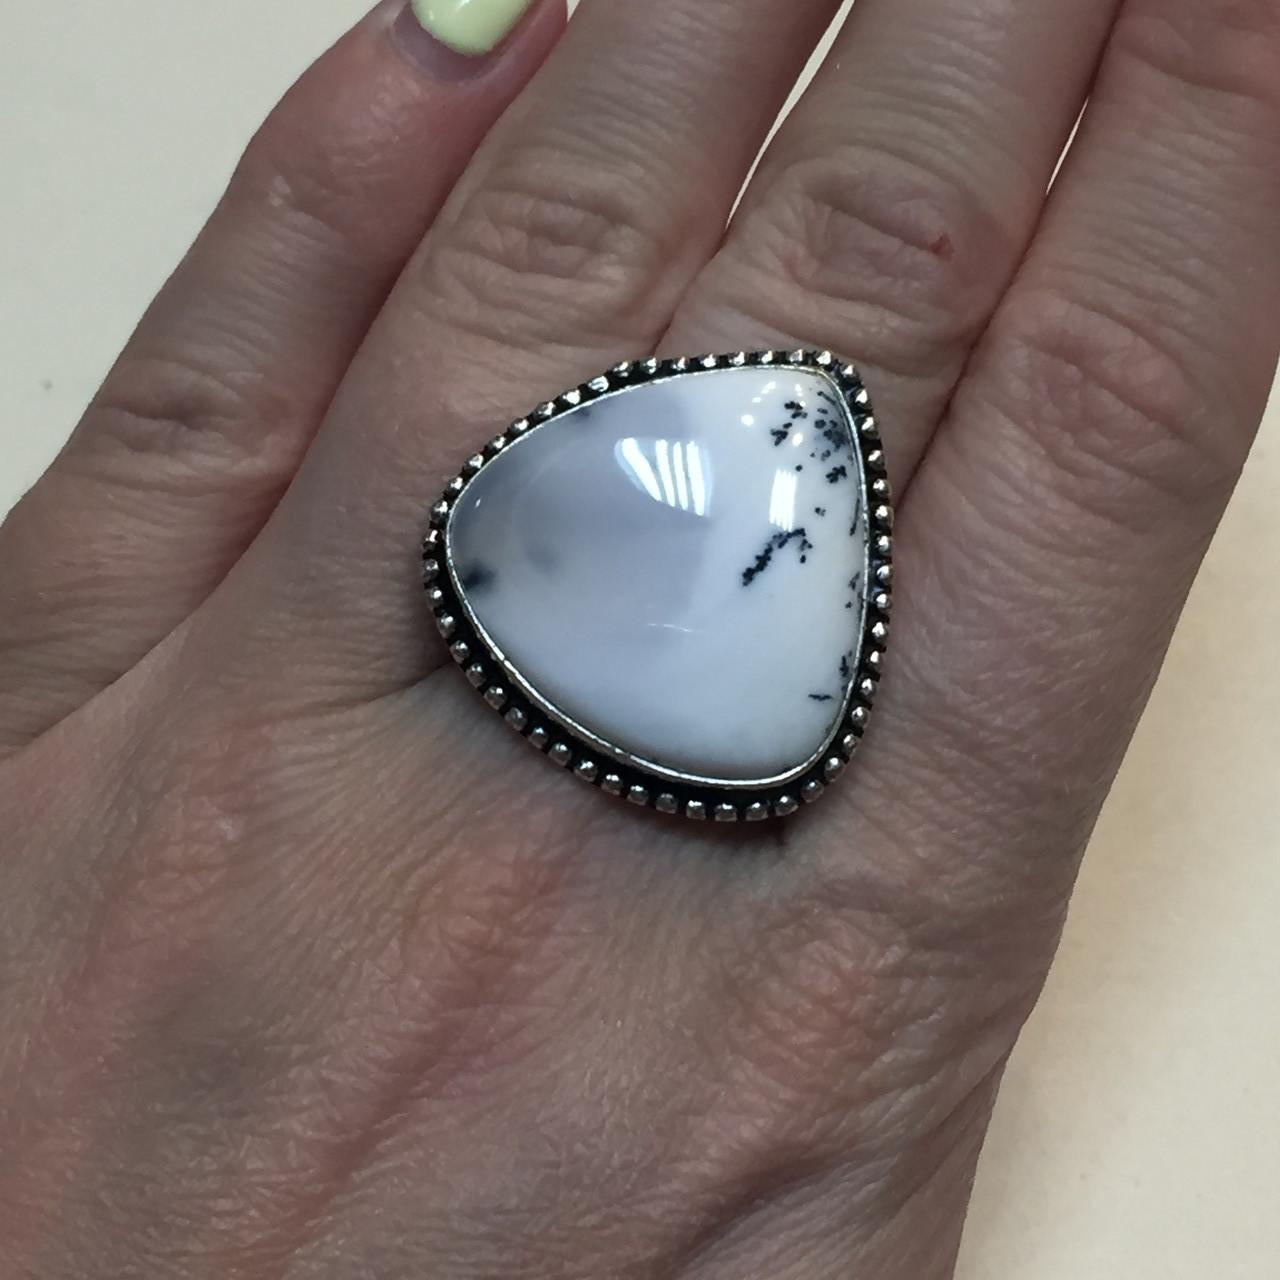 Дендро-агат кольцо капля дендритовый опал размер 19-19,5 кольцо с дендро-опалом в серебре Индия